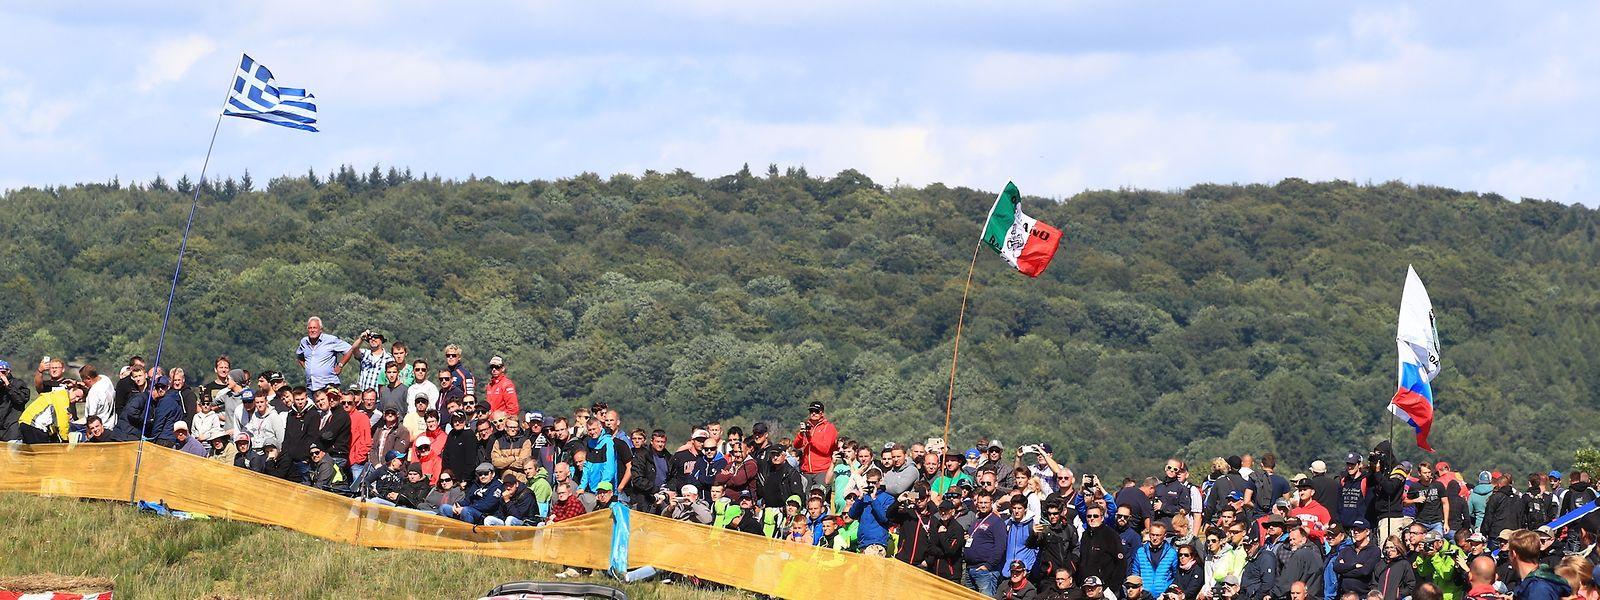 Bei der Rallye Deutschland sind die Zuschauer mittendrin statt nur dabei.